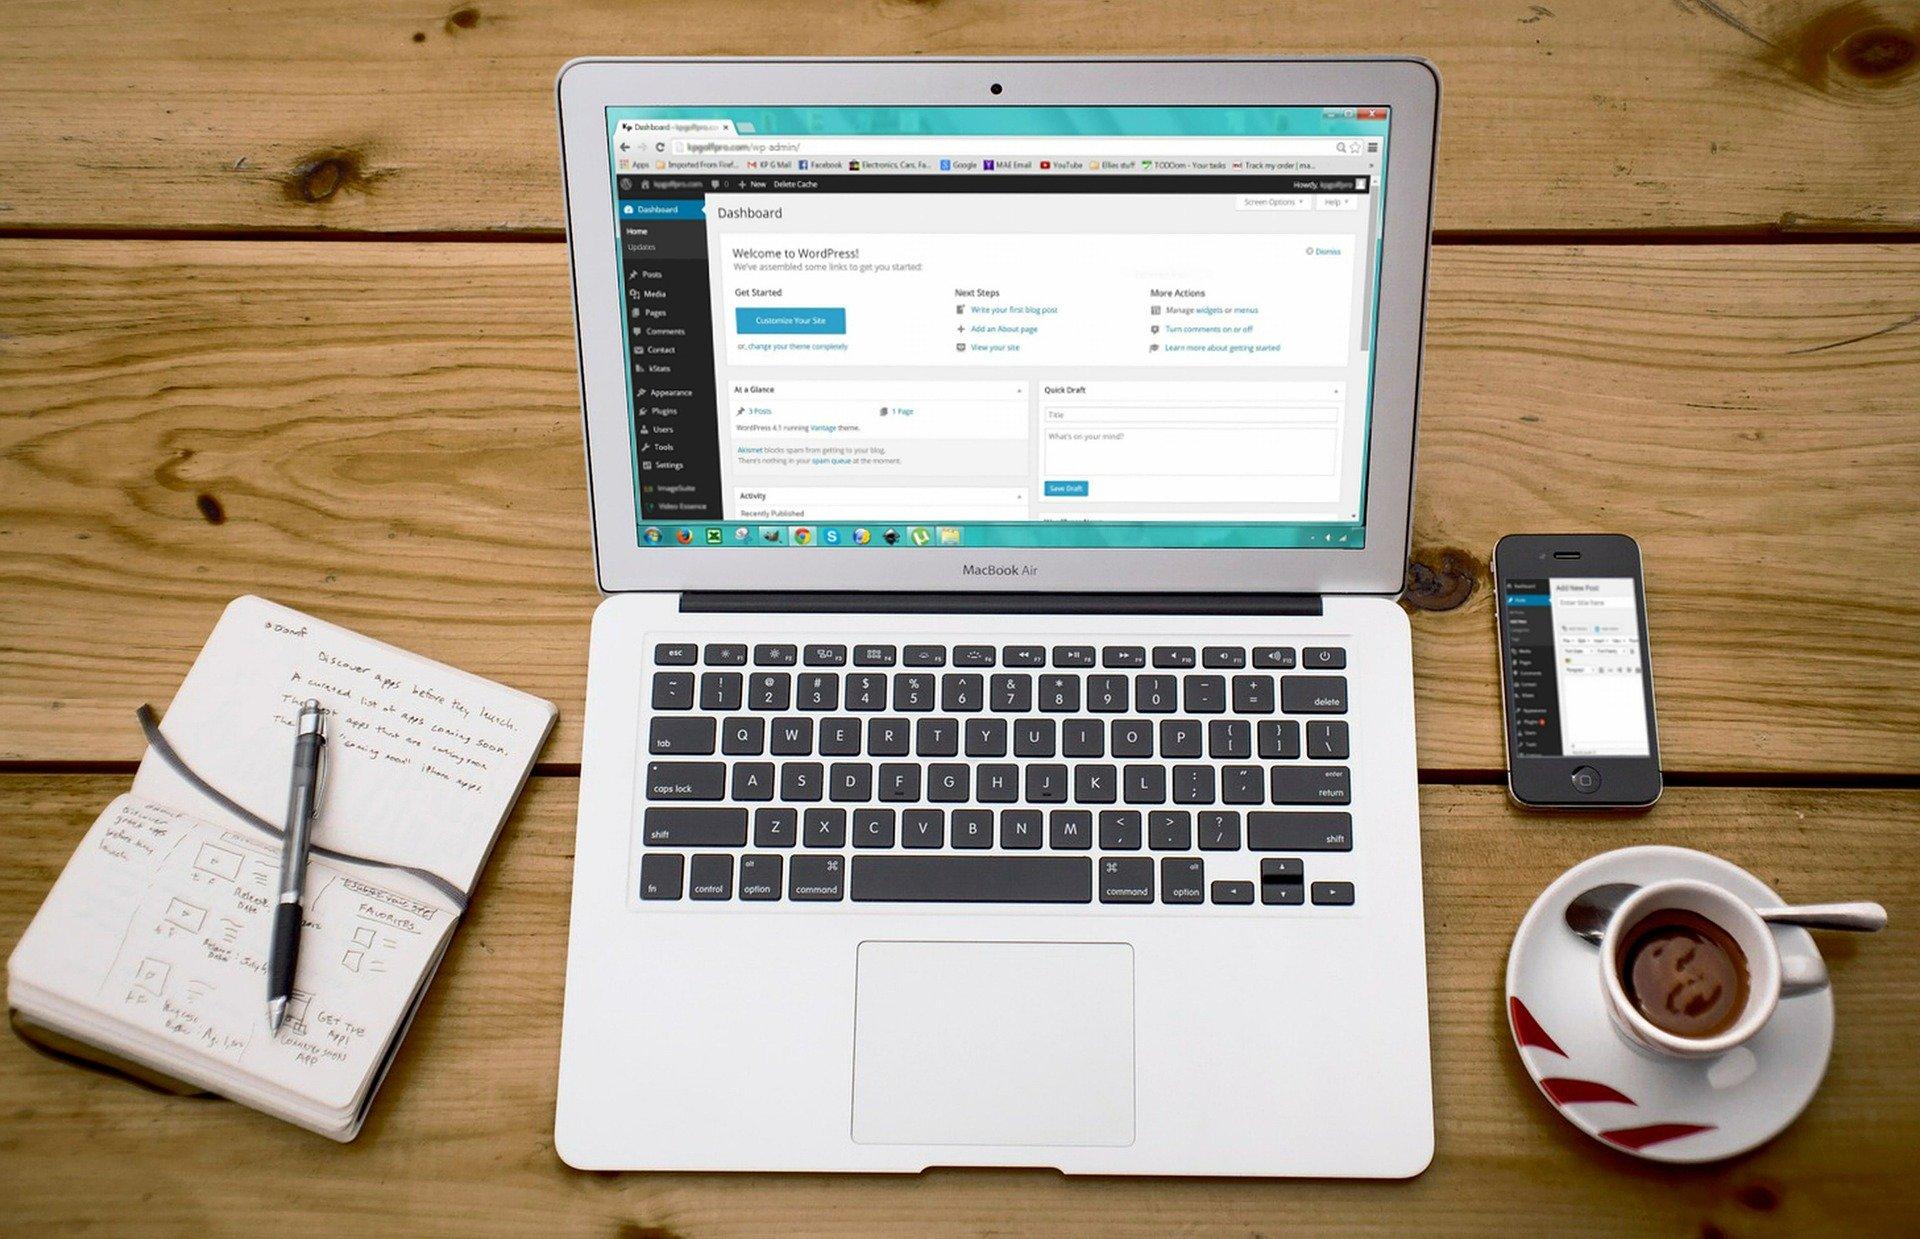 Notebook com WordPress na tela, caderno de anotações, celular e xícara de café ao lado.